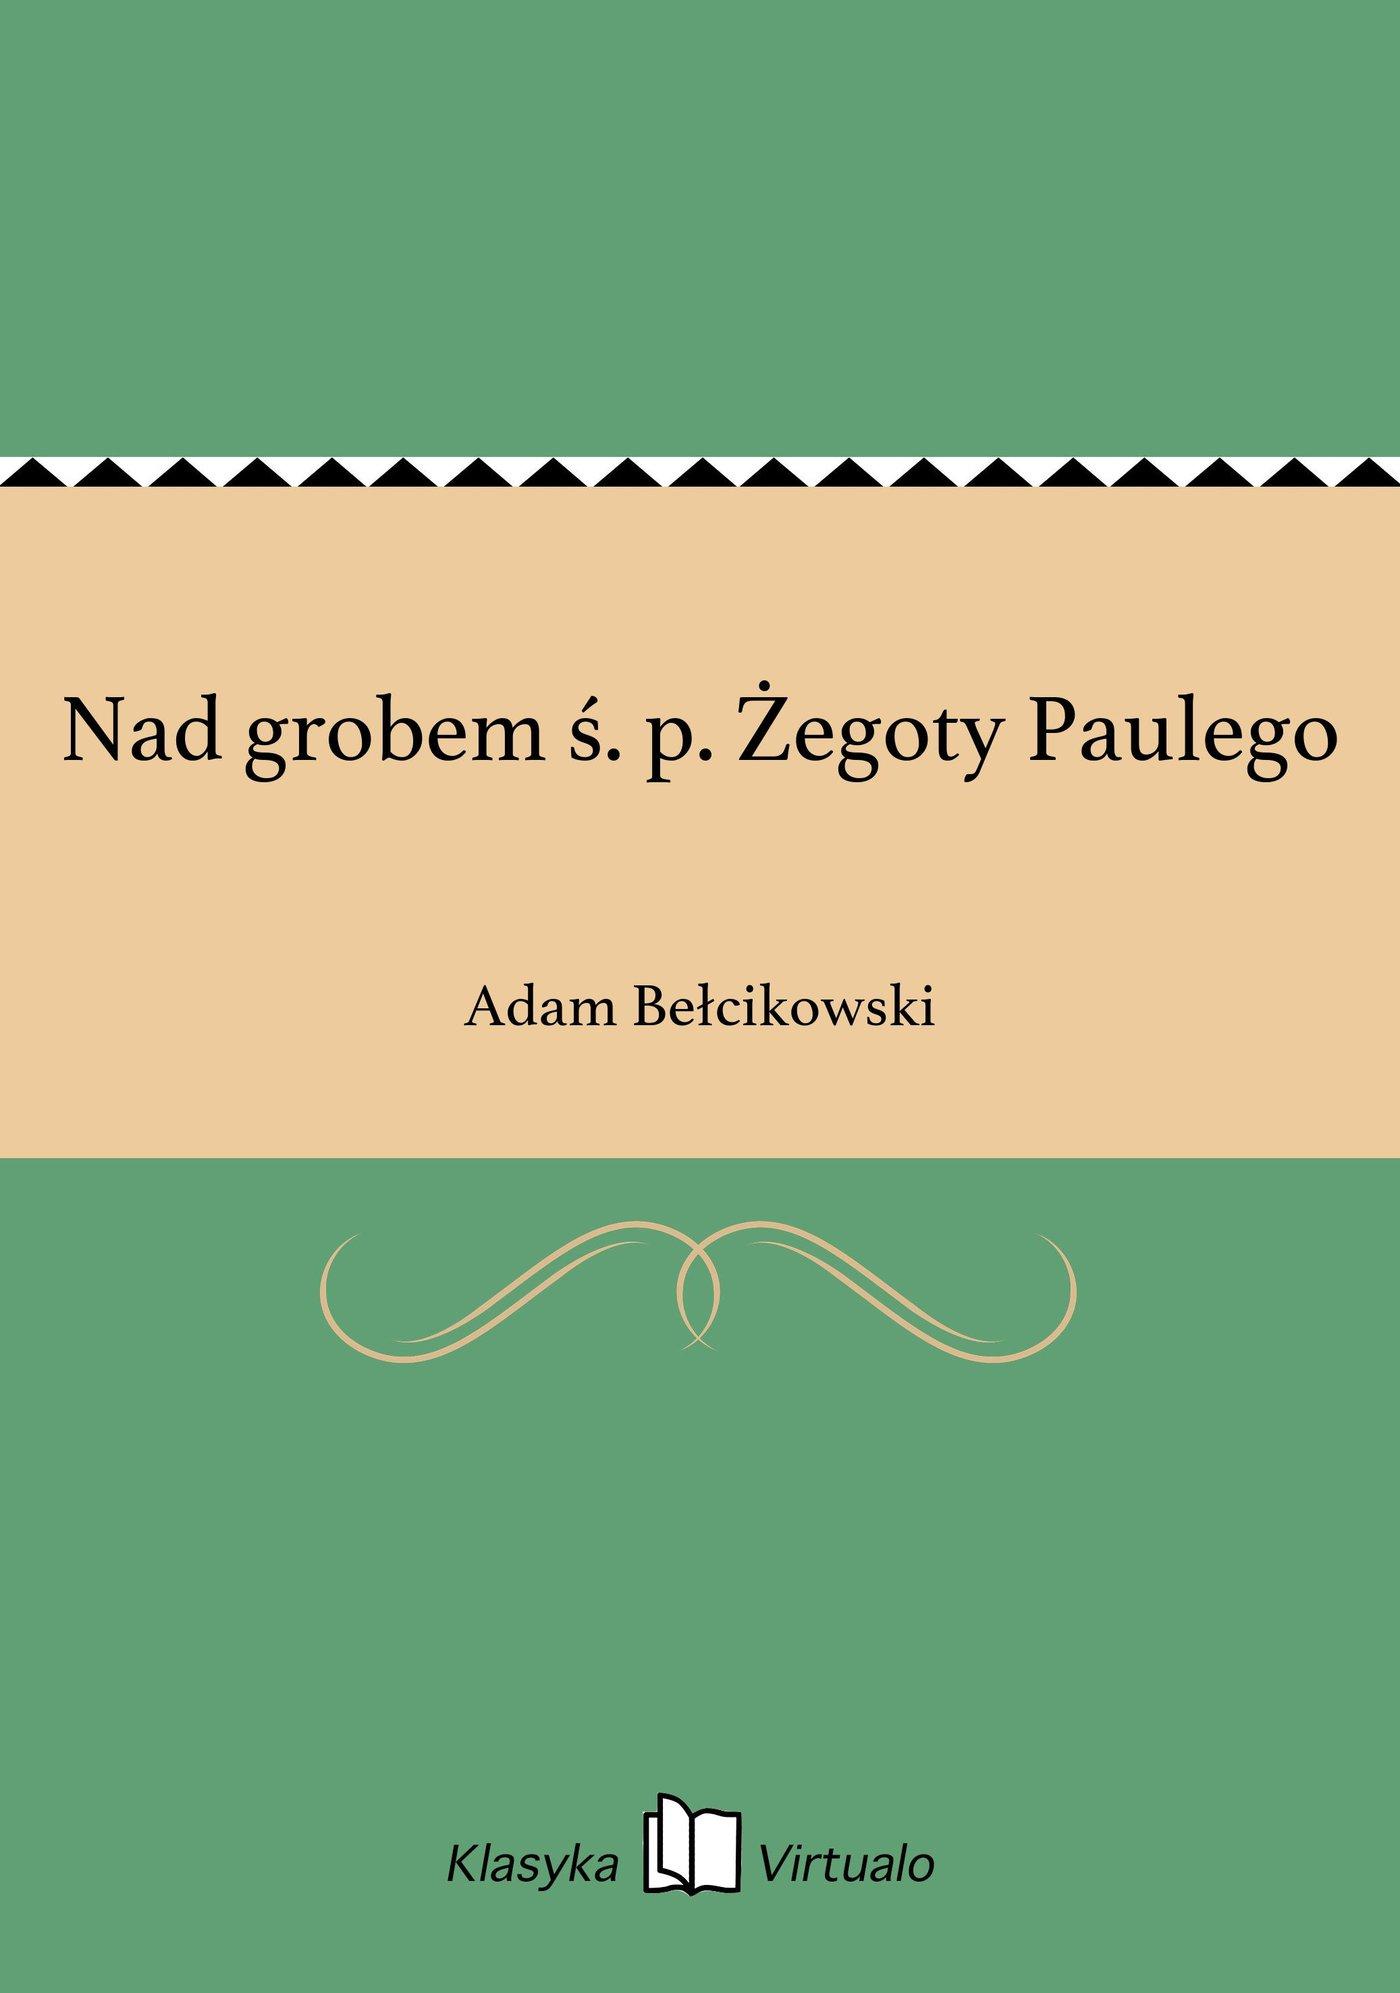 Nad grobem ś. p. Żegoty Paulego - Ebook (Książka EPUB) do pobrania w formacie EPUB